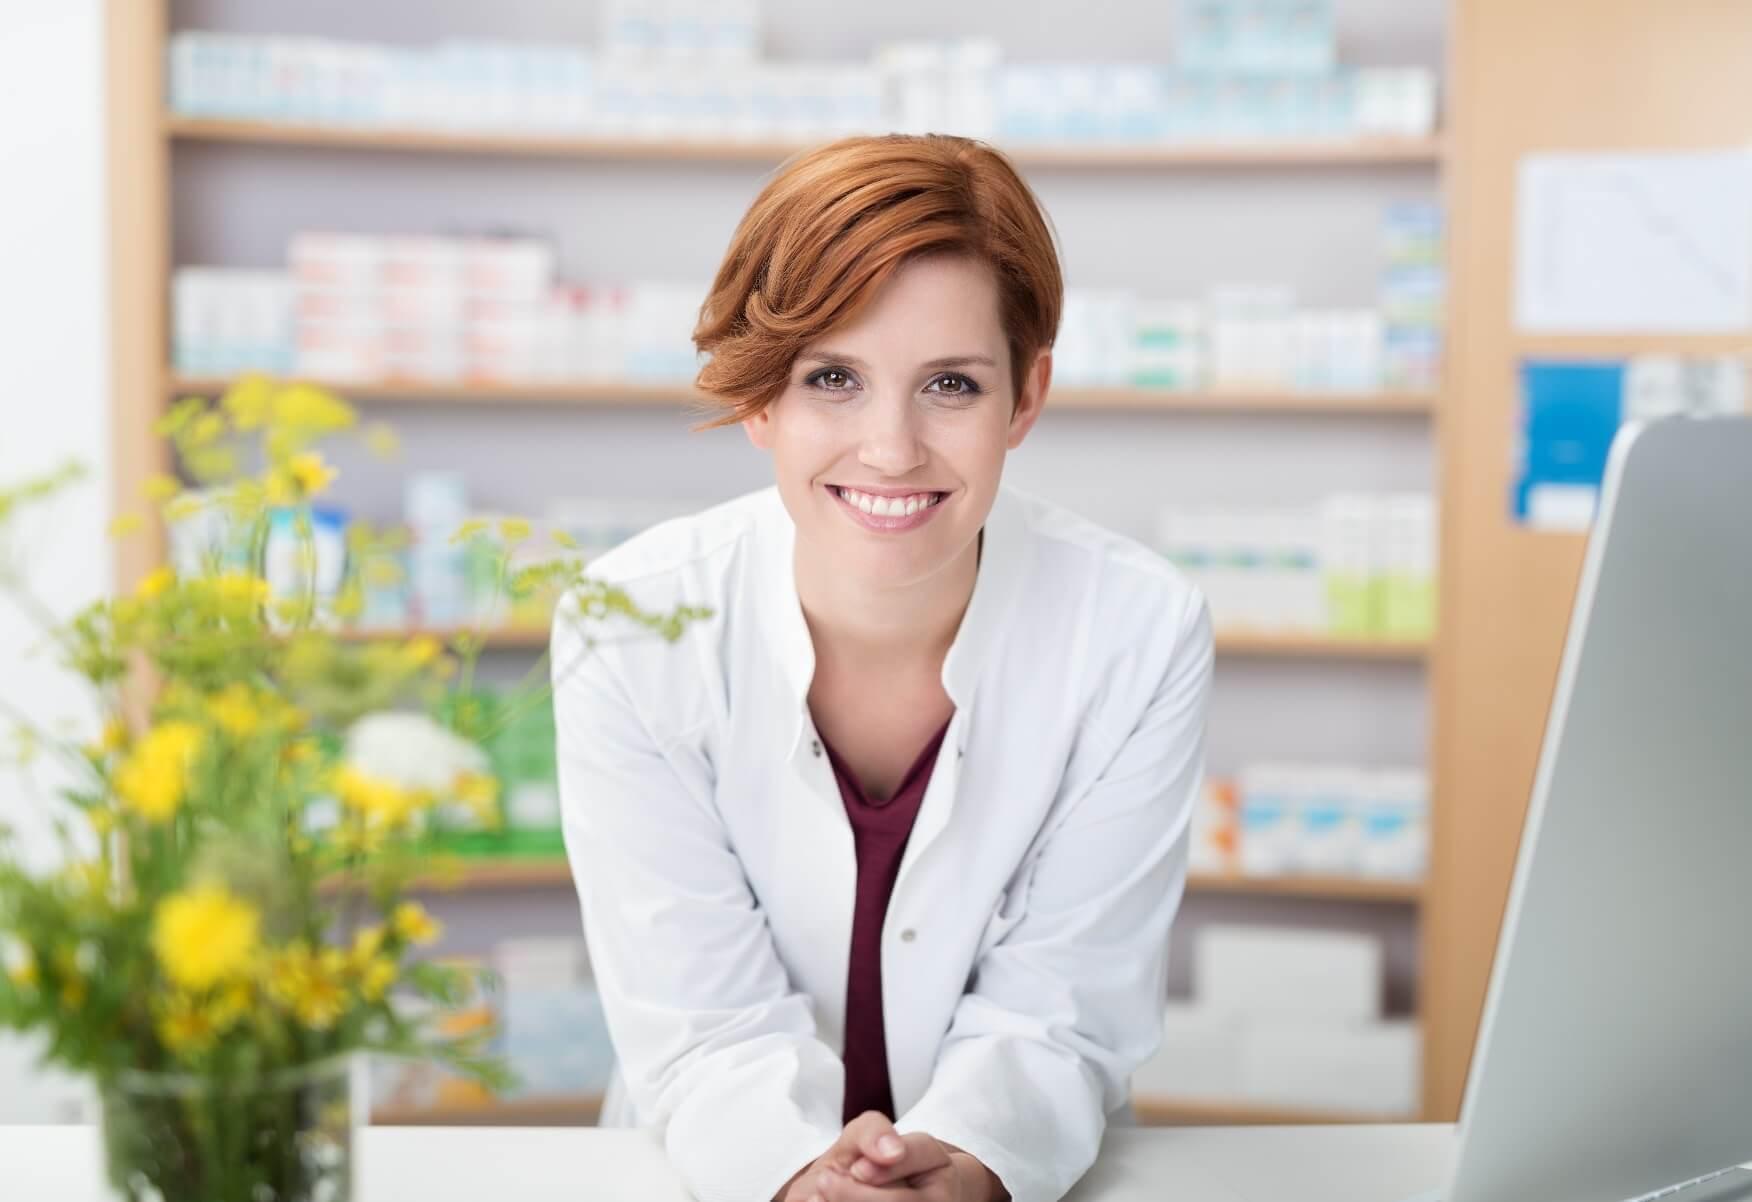 Cramdi integratore naturale mirtillo rosso d mannosio pompelmo per cistiti candide infezioni tratto urinario femminile rimedio efficace naturale della nonna veloce